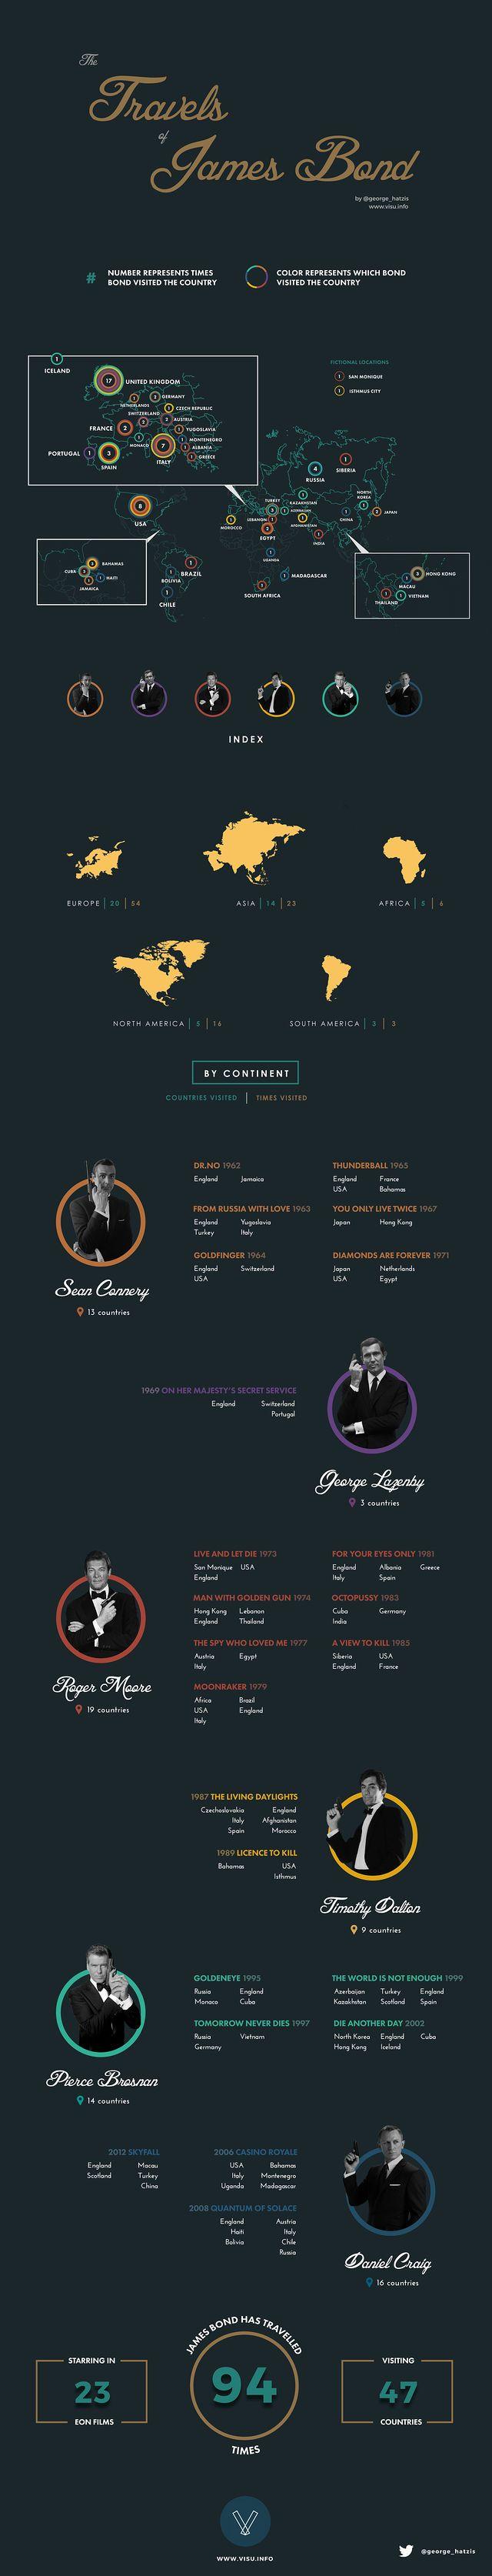 Super Spy Infograph: The Travels of James Bond | moviepilot.com